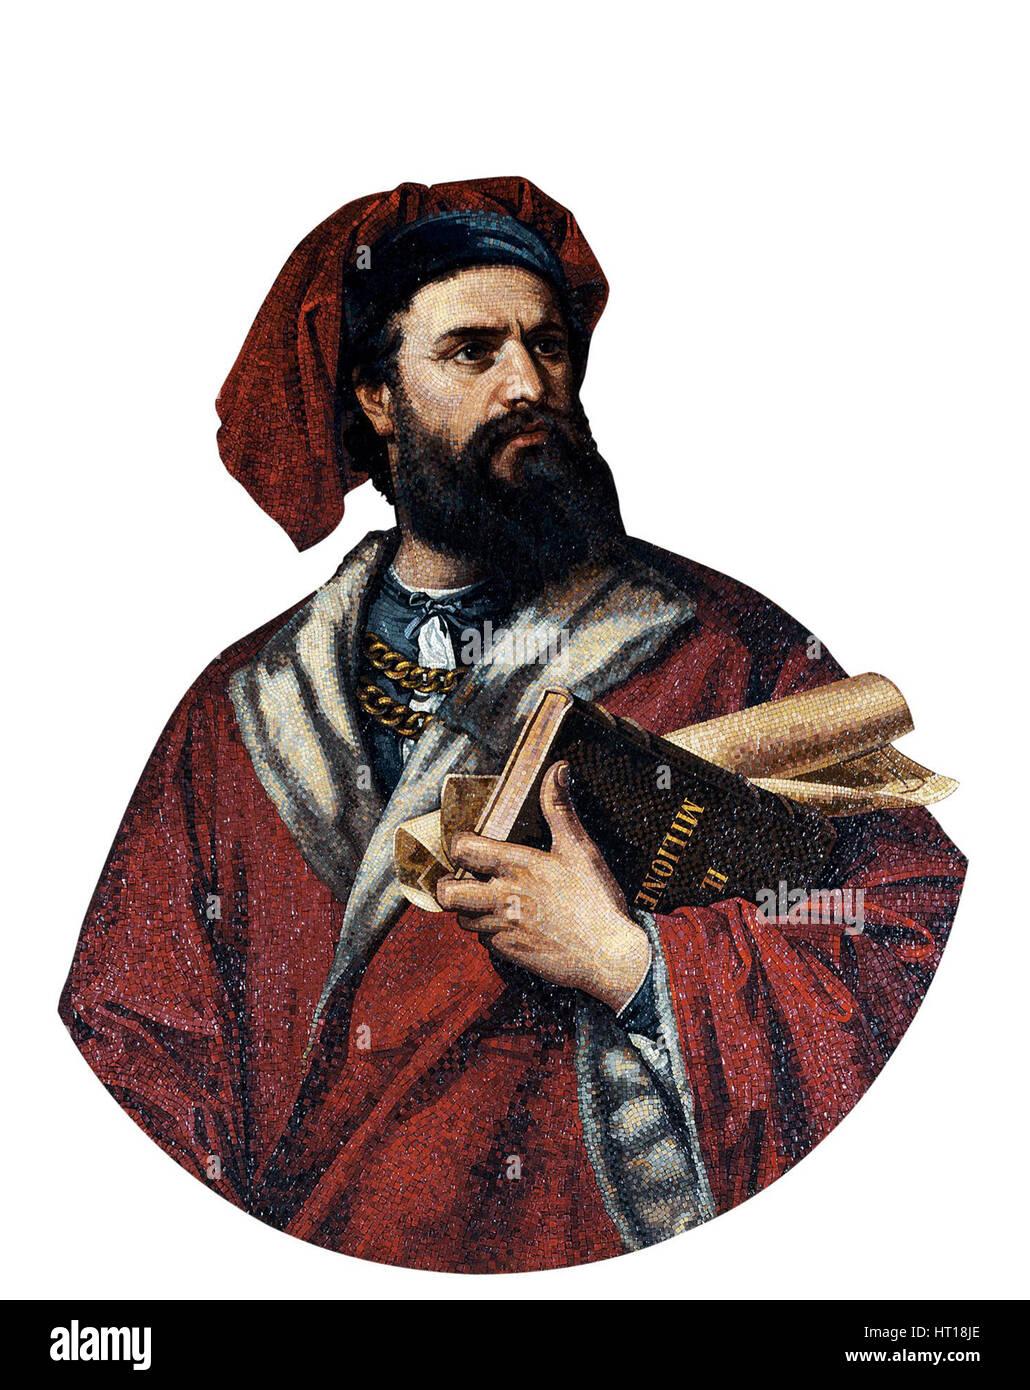 Marco Polo, 1867. Artist: Podio, Enrico (active 1860s) - Stock Image